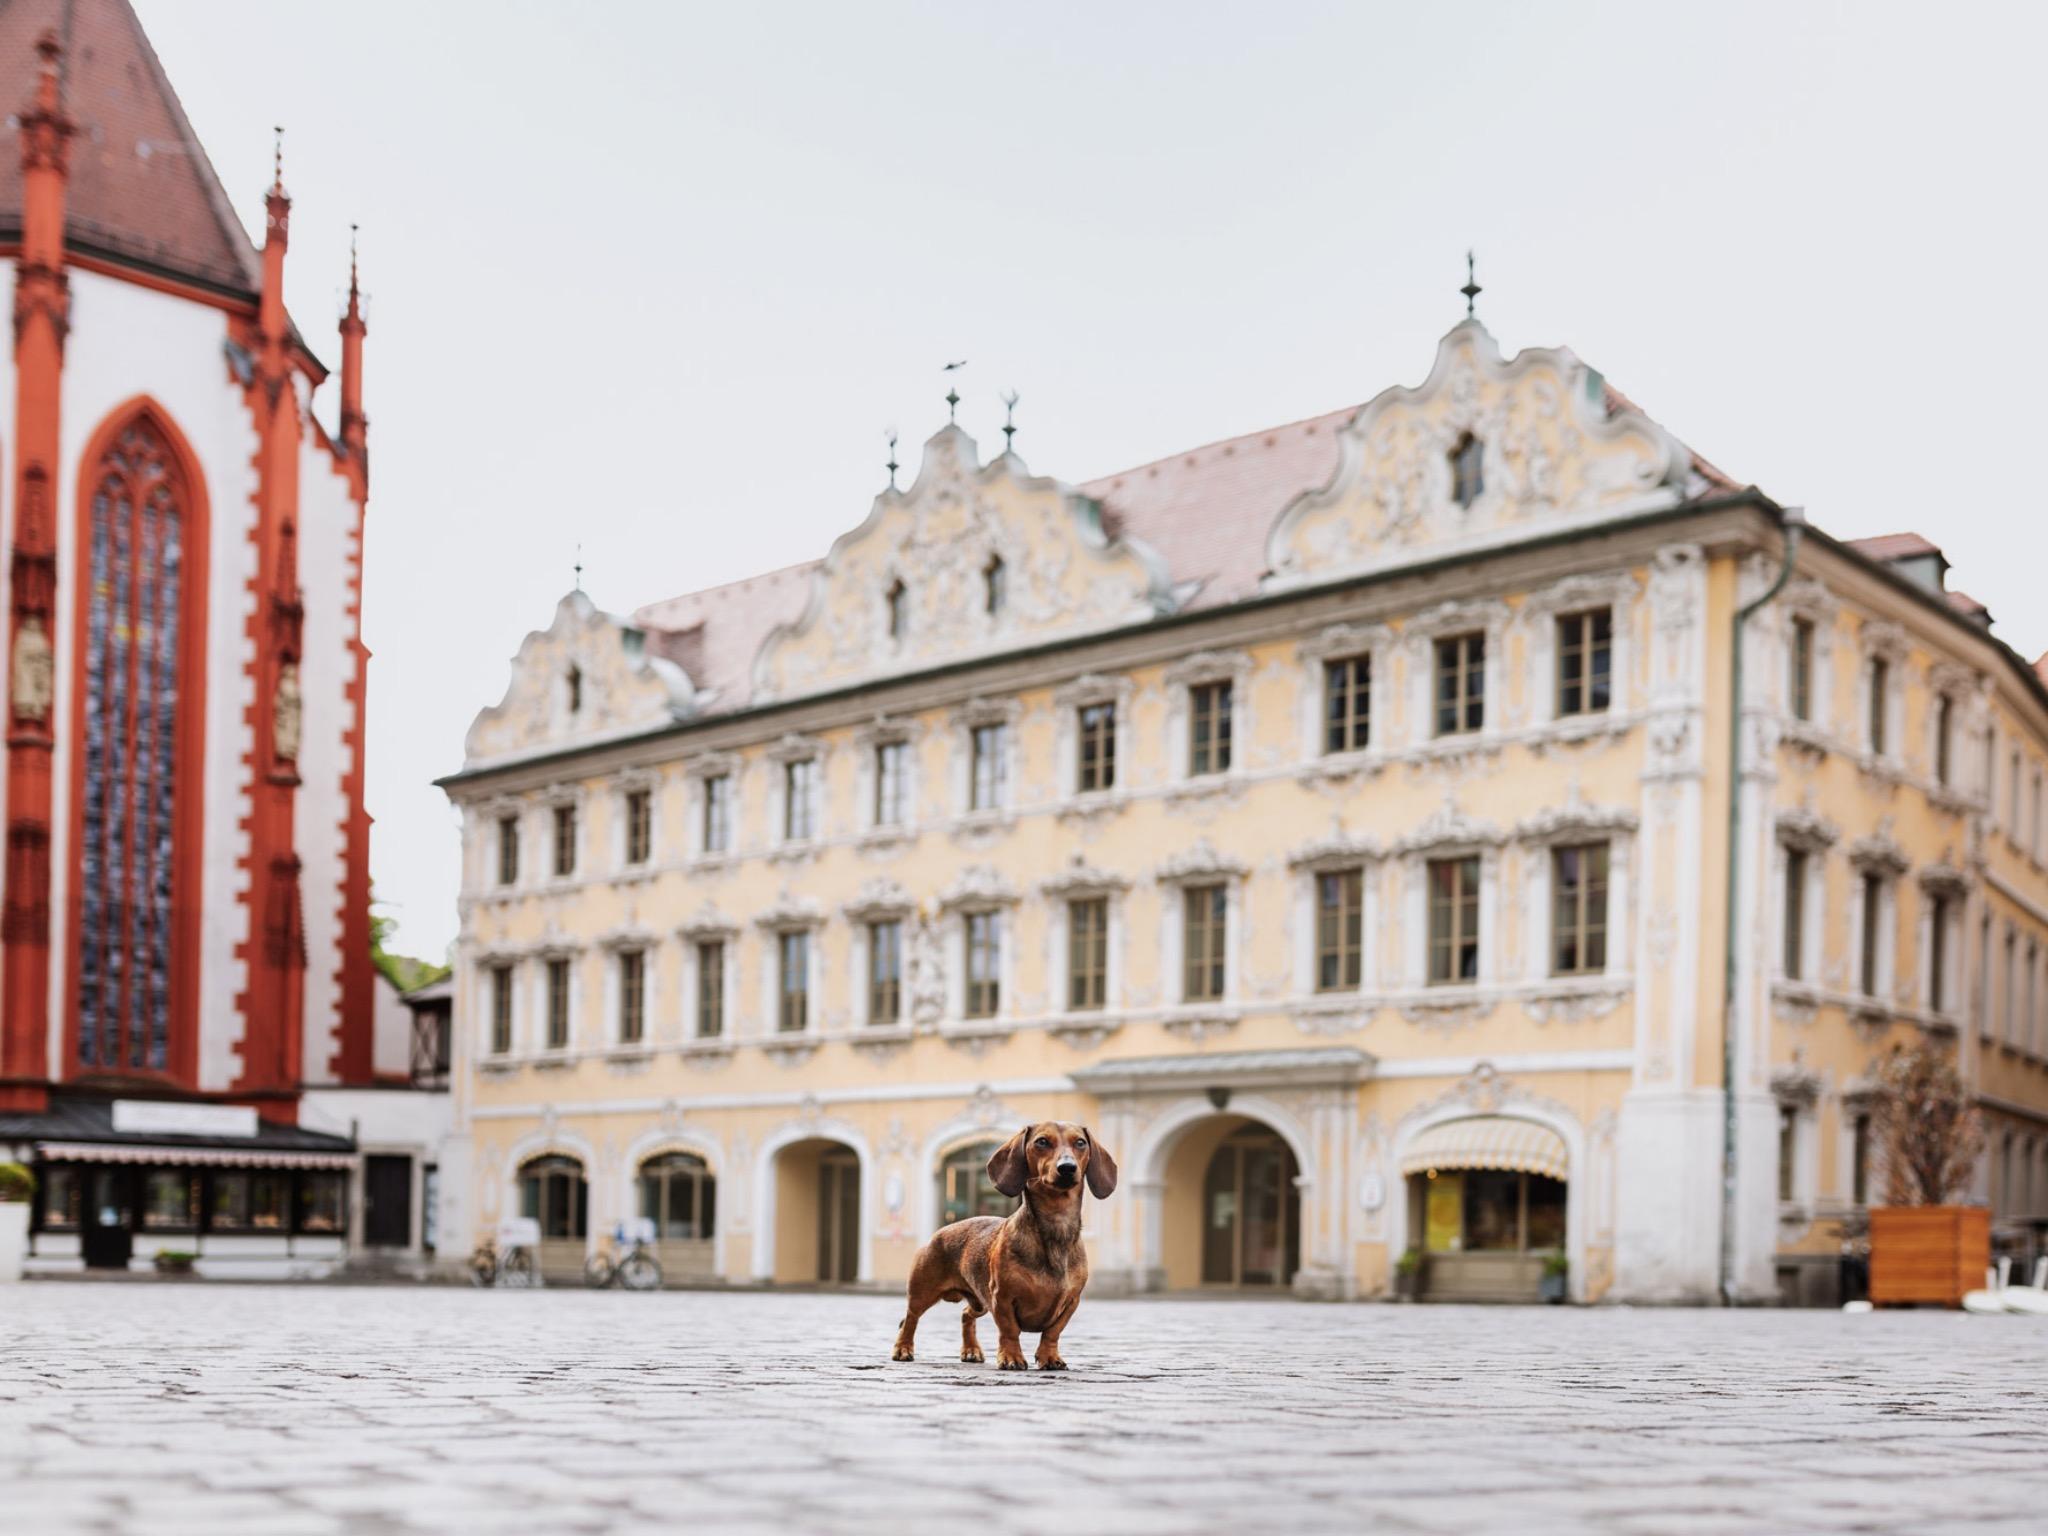 Der Zwergdackel Bruno vor dem Falkenhaus. Foto: Yasemin Ikibas